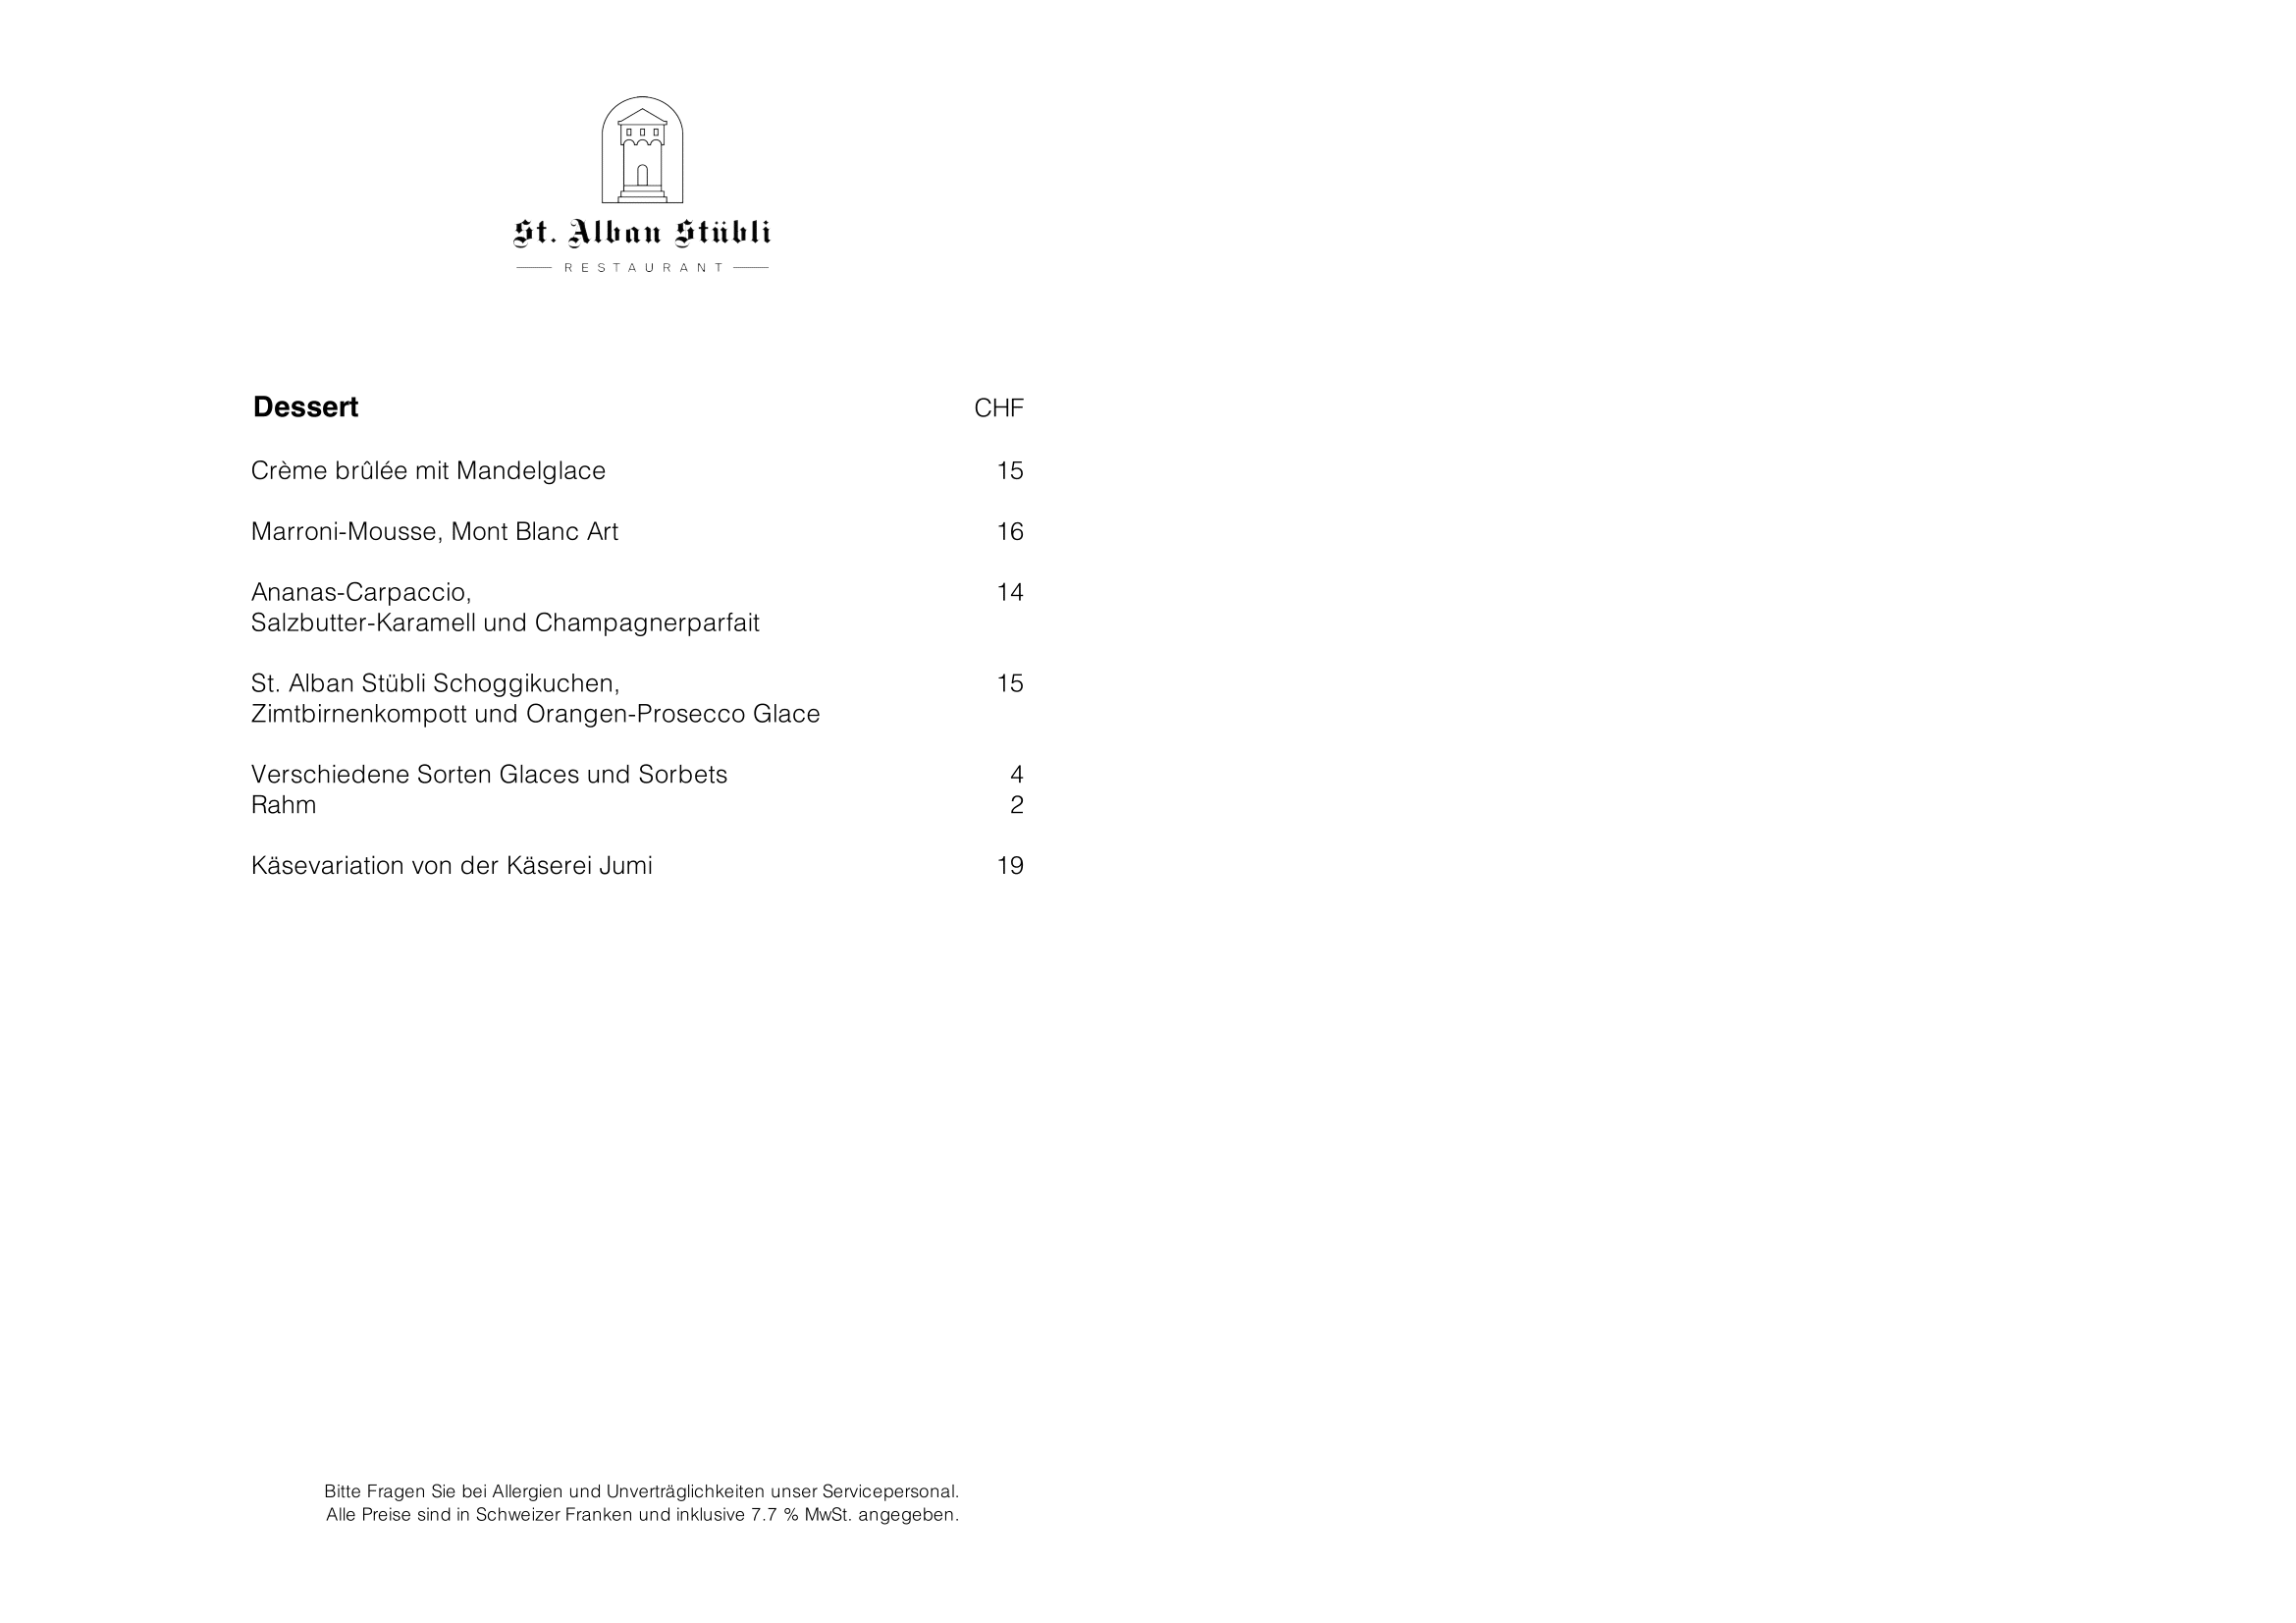 Großartig Kellner Probe Fortsetzen Galerie - Entry Level Resume ...